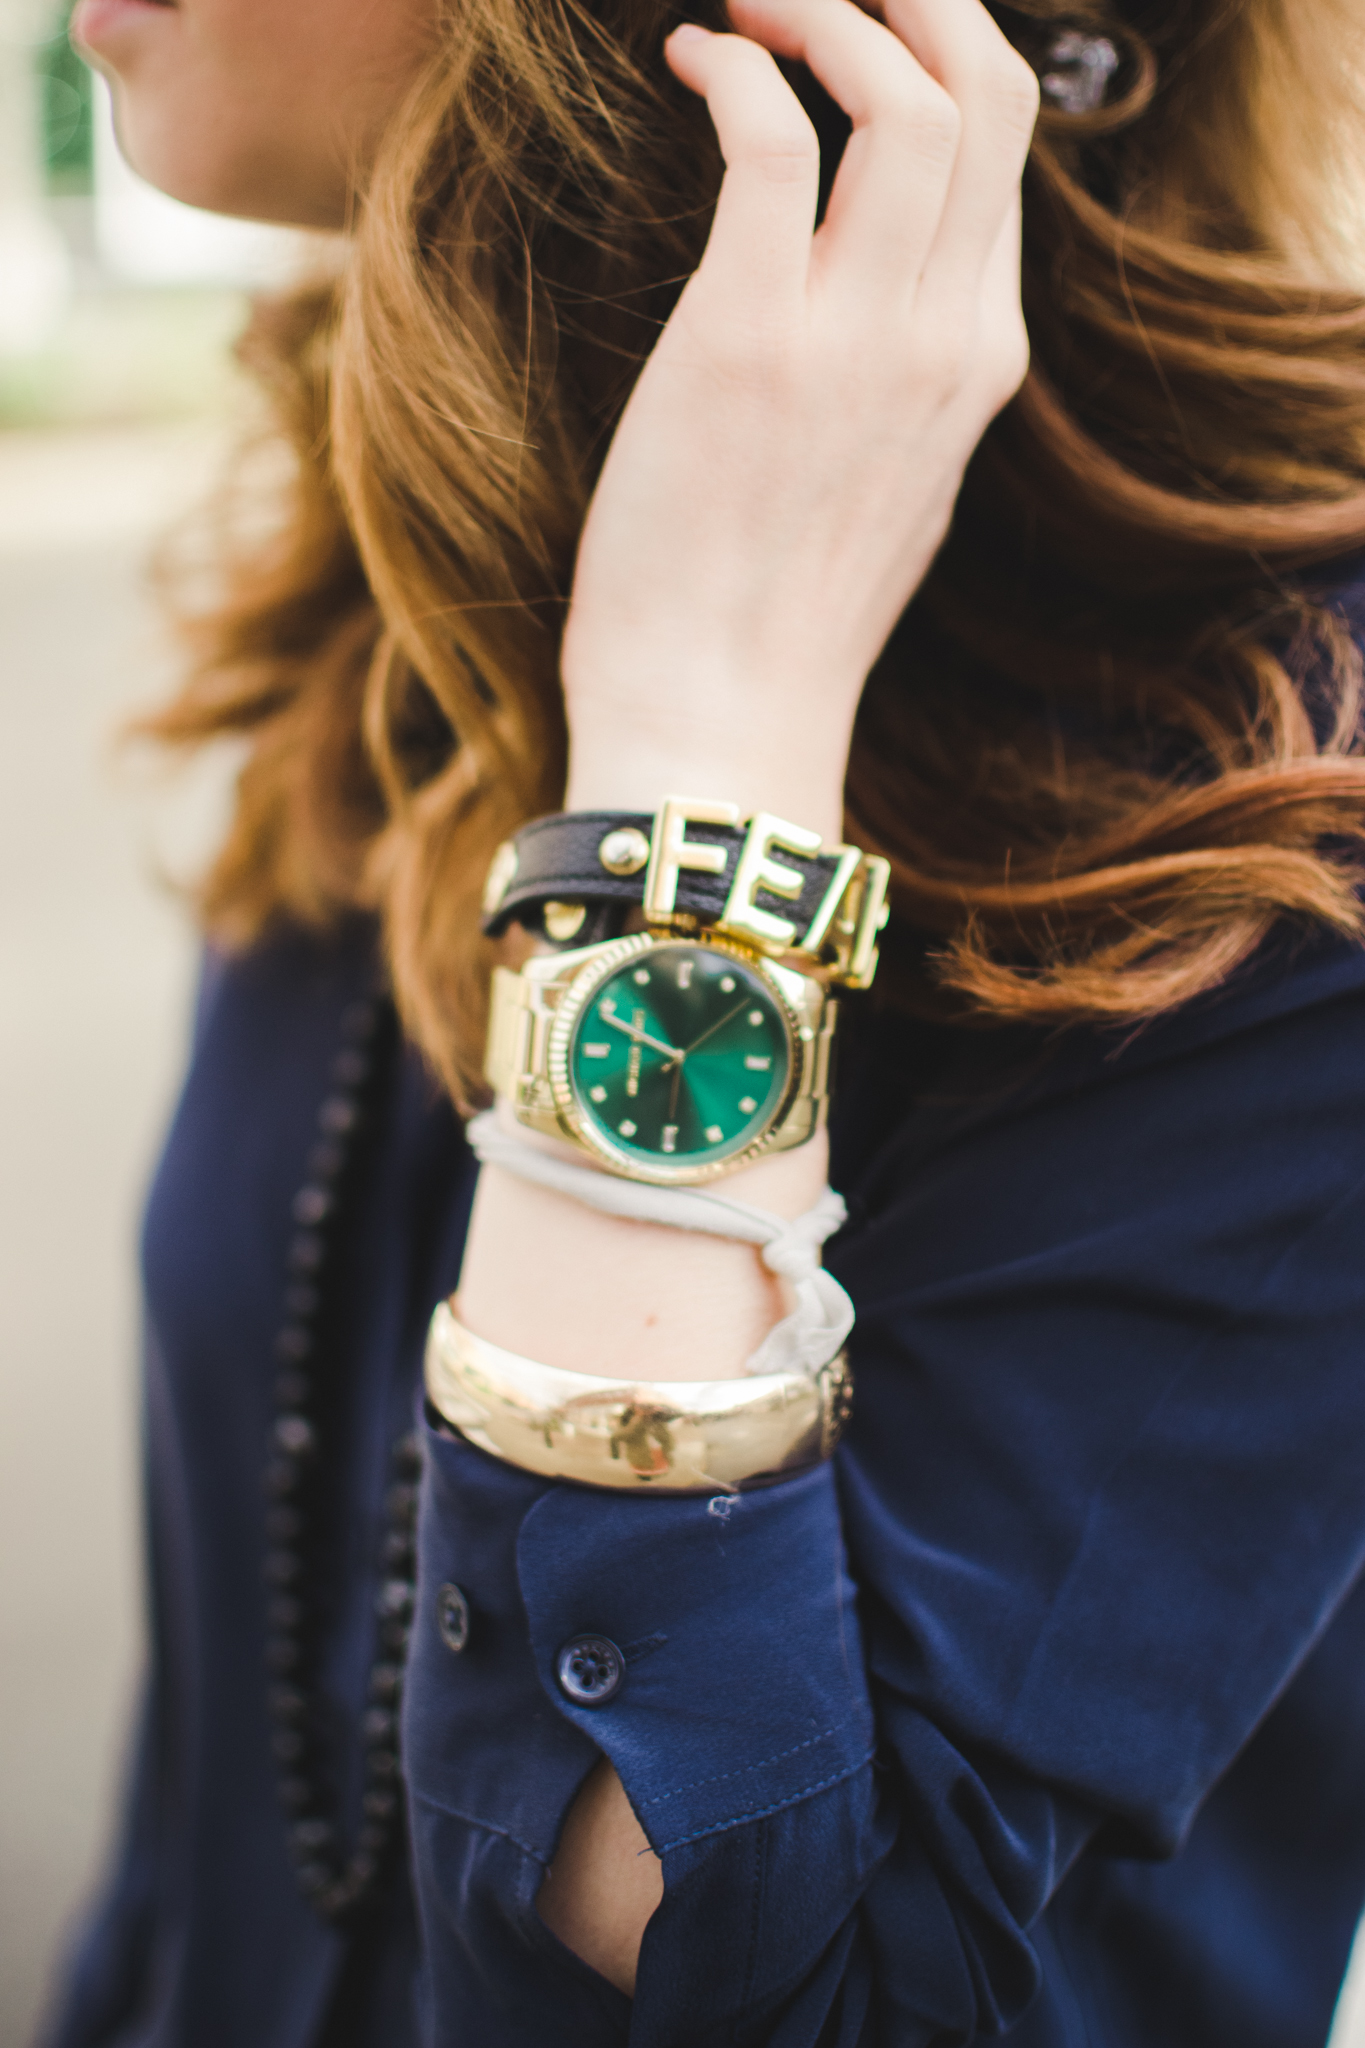 green face MK watch